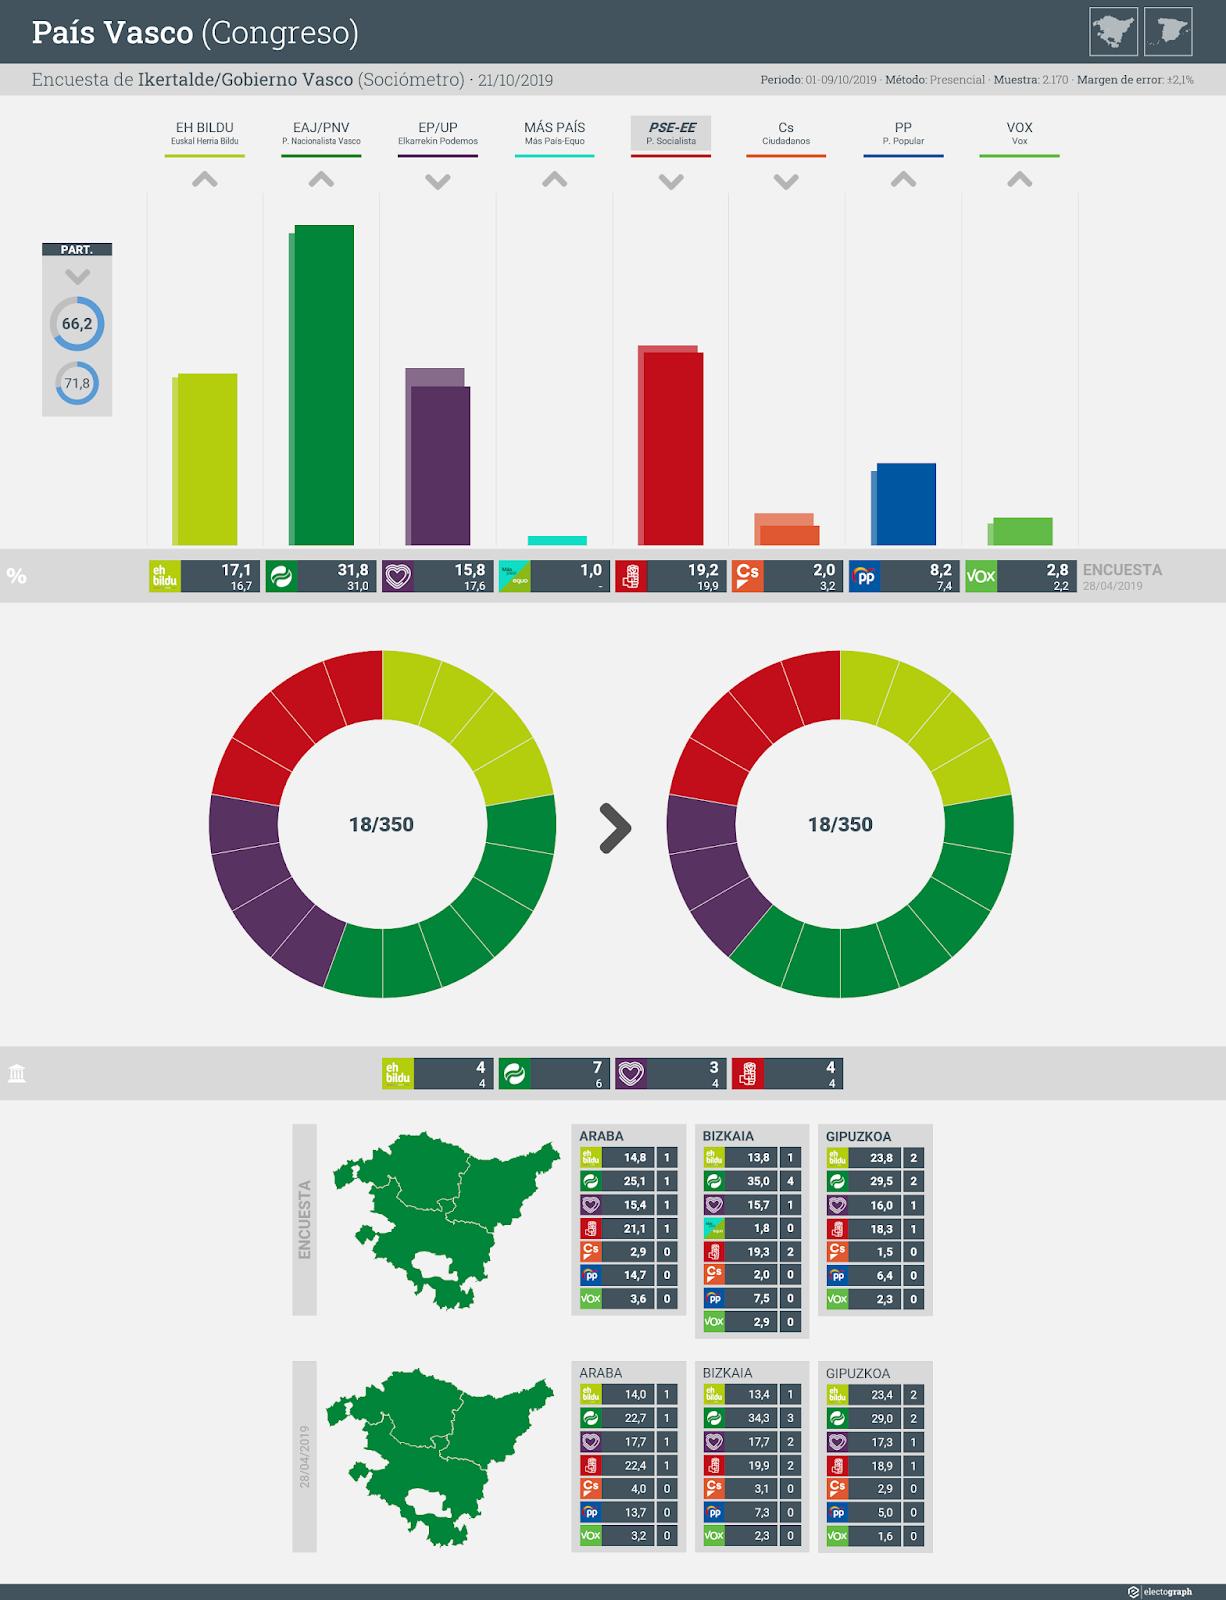 Gráfico de la encuesta para elecciones generales en el País Vasco realizada por Ikertalde y el Gobierno Vasco, 21 de octubre de 2019